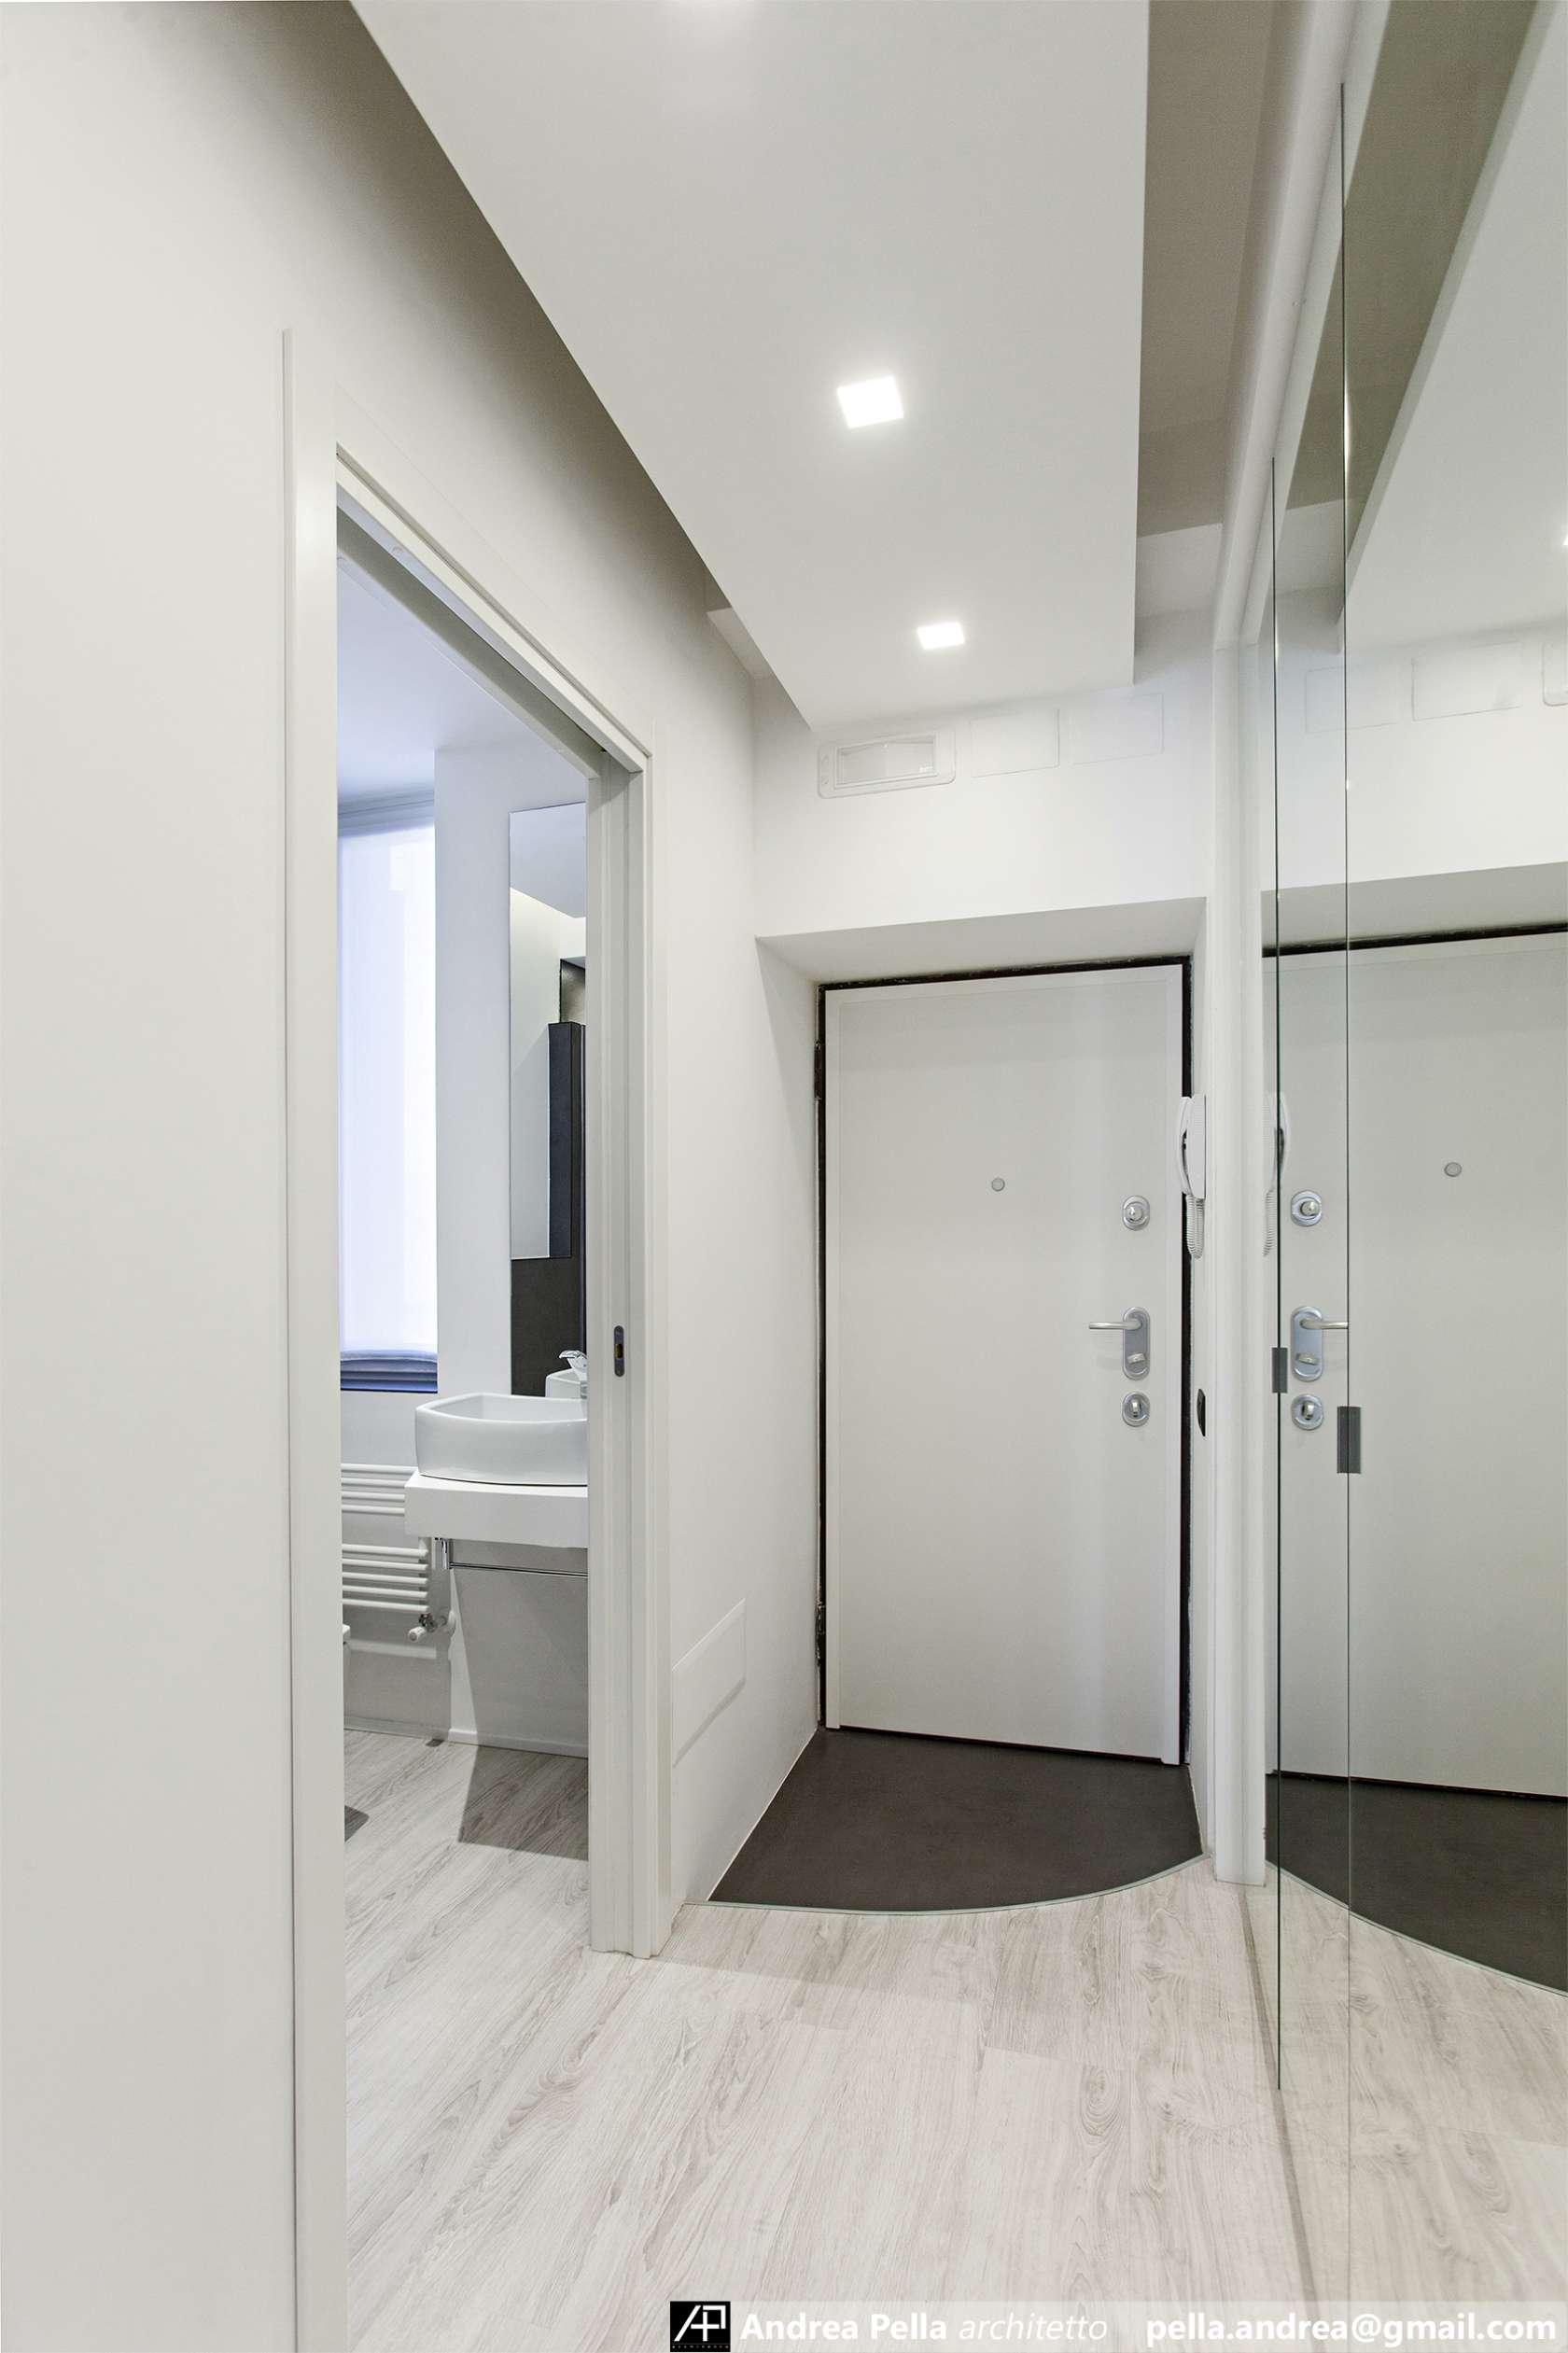 малък апартамент в минималистичен стил - 11